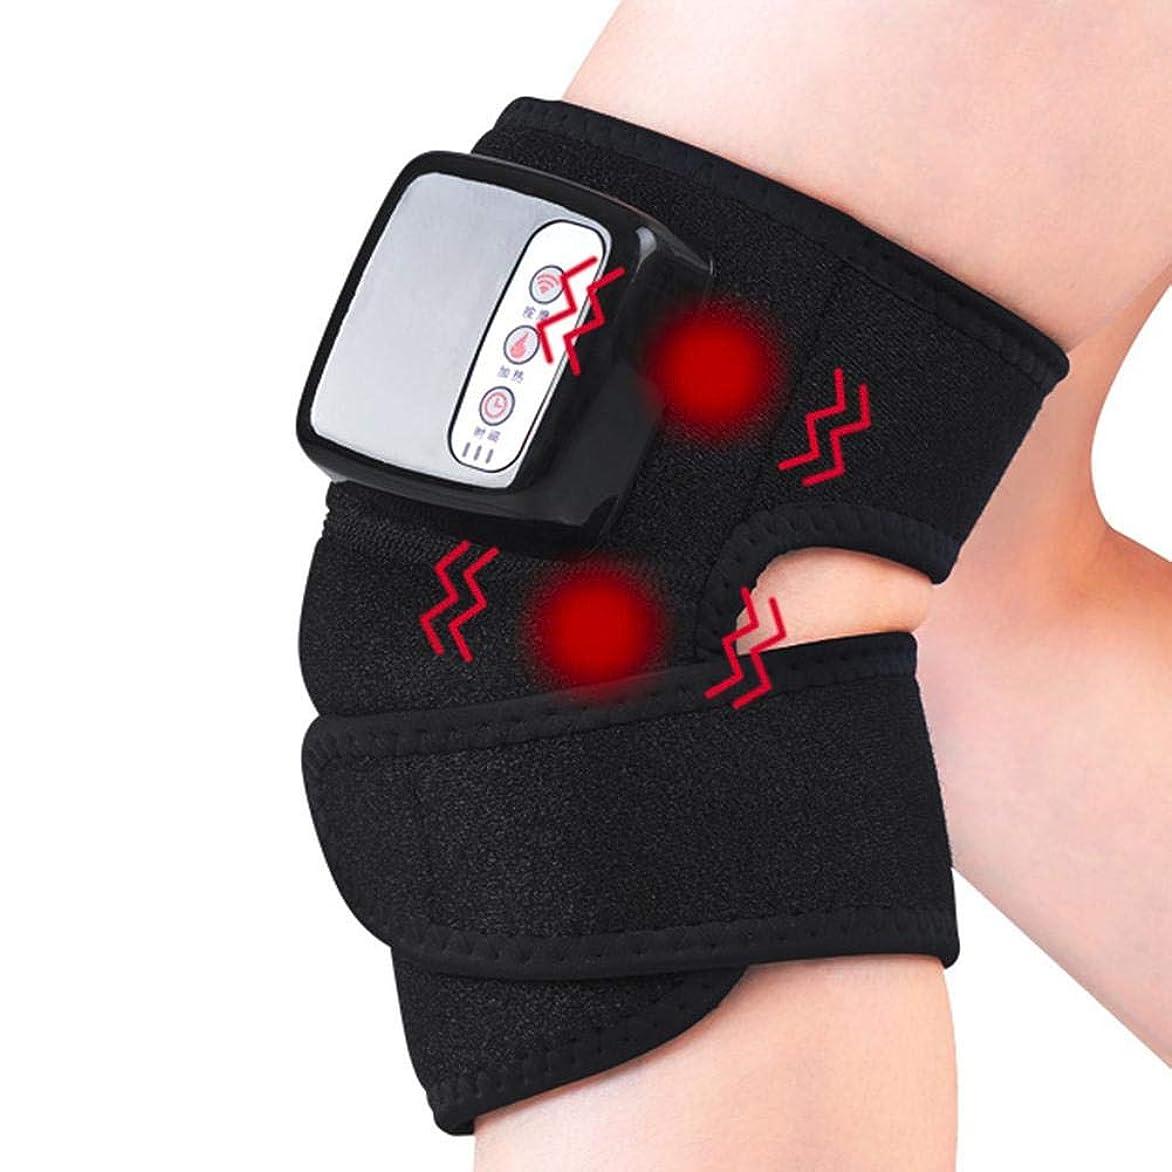 輸血ストローマトンLEKING 膝サポーター 充電式 膝関節加熱マッサージ 3段温度可調 膝マッサージャー マッサージ器 フットマッサージャー ひざ マッサージャー 振動 赤外線療法 温熱療法 防寒 膝痛、神経痛、関節痛、冷え症に対応 筋肉痛緩和 ストレス解消 膝サポーター 膝マット 太もも/腕対応 通気性 男女兼用